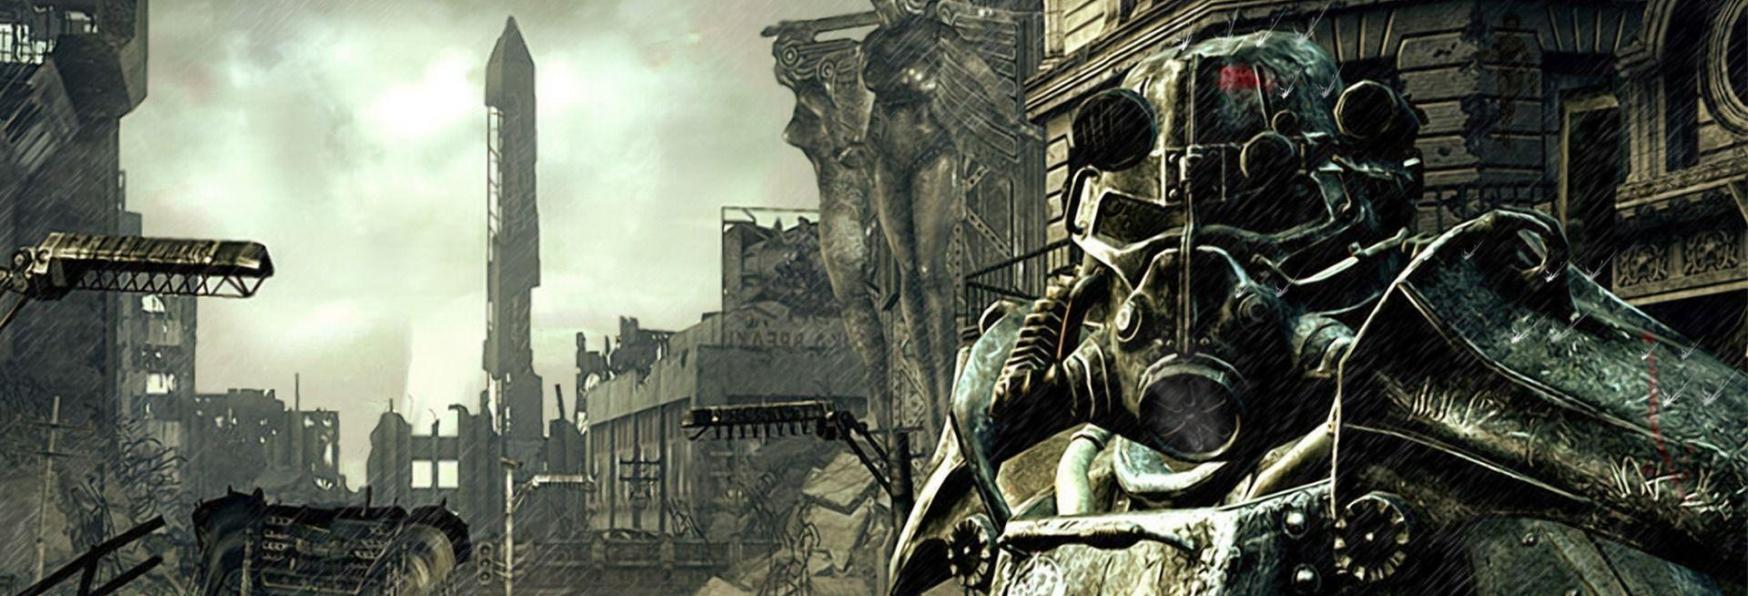 Fallout: Amazon Studios al lavoro per una Nuova Serie TV basata sul Videogame